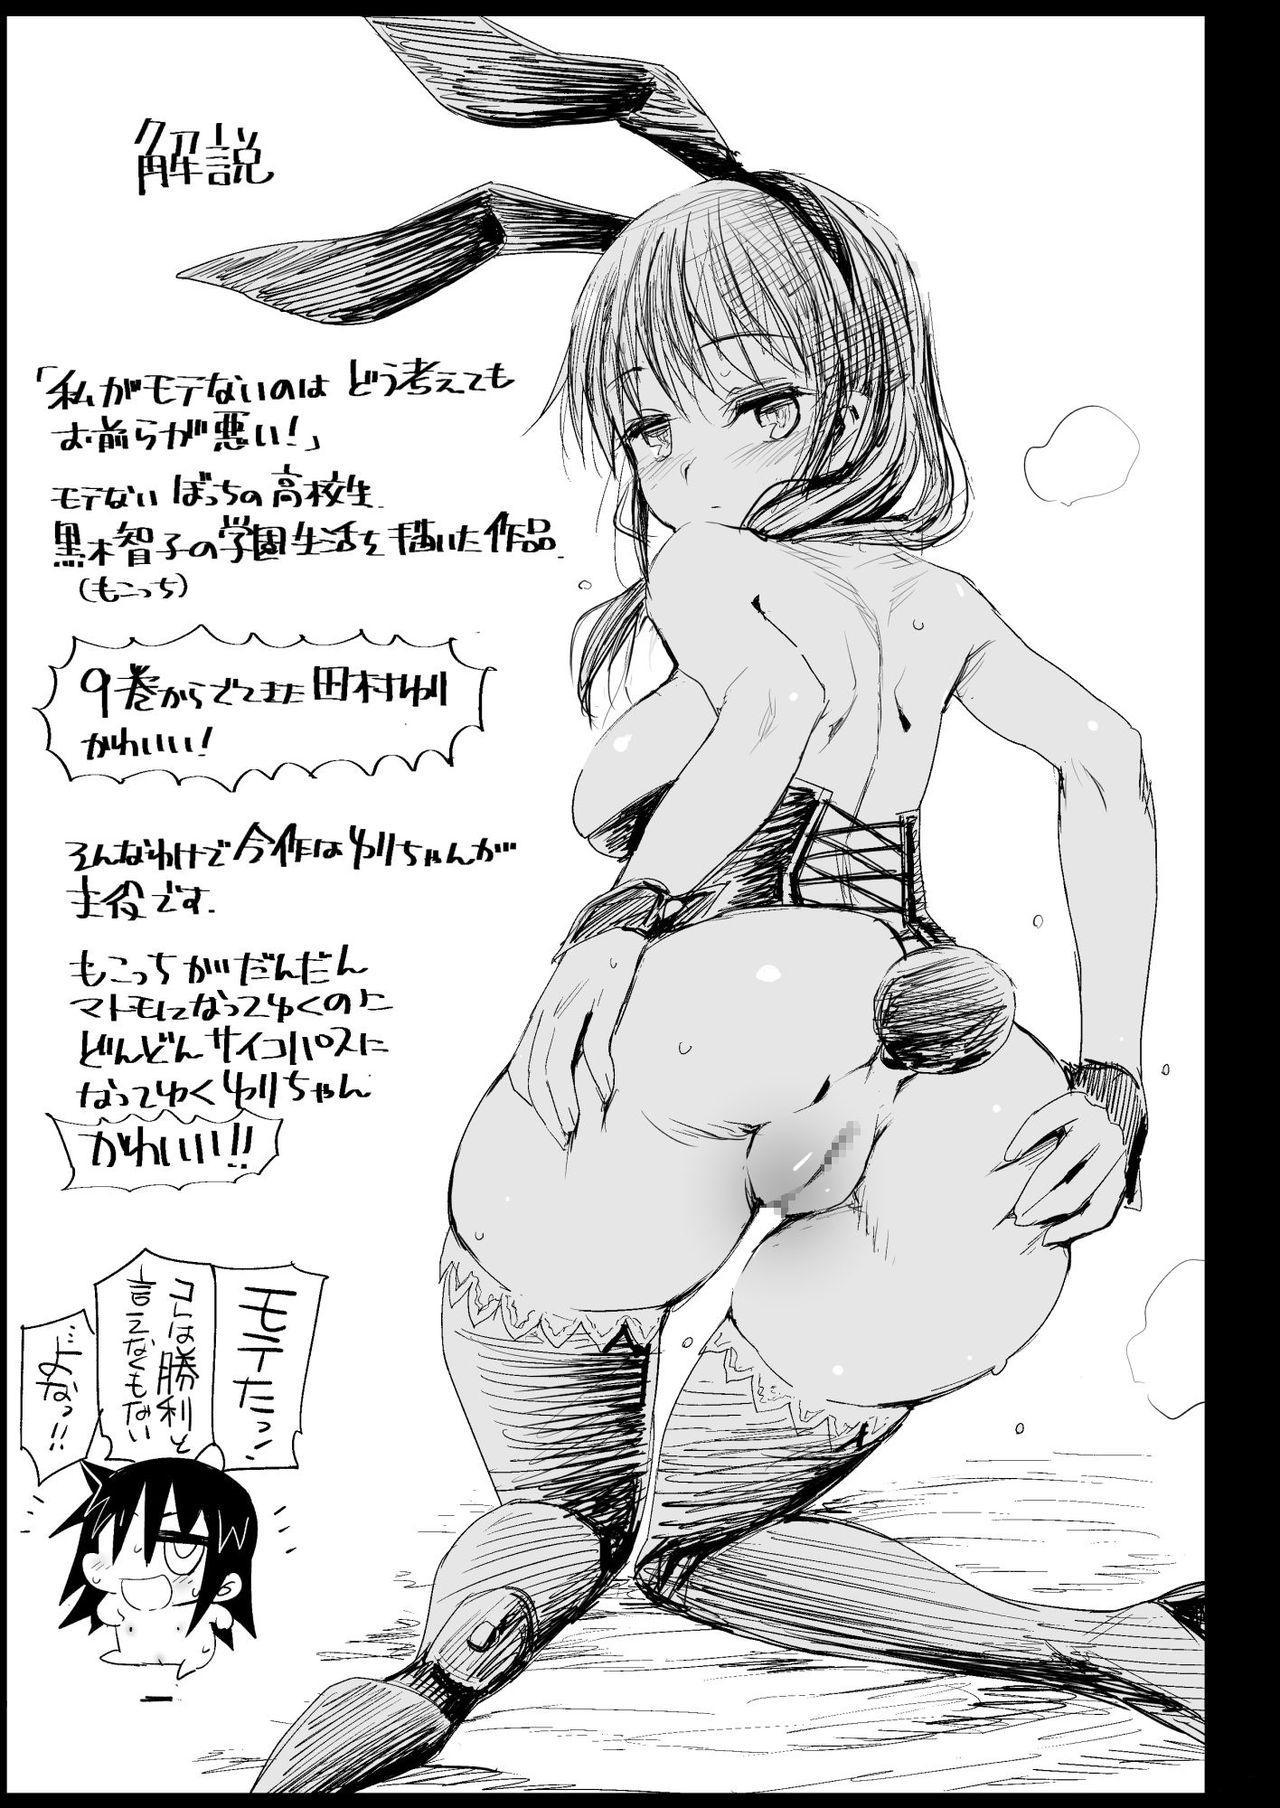 Haranjau Yuri-chan 29